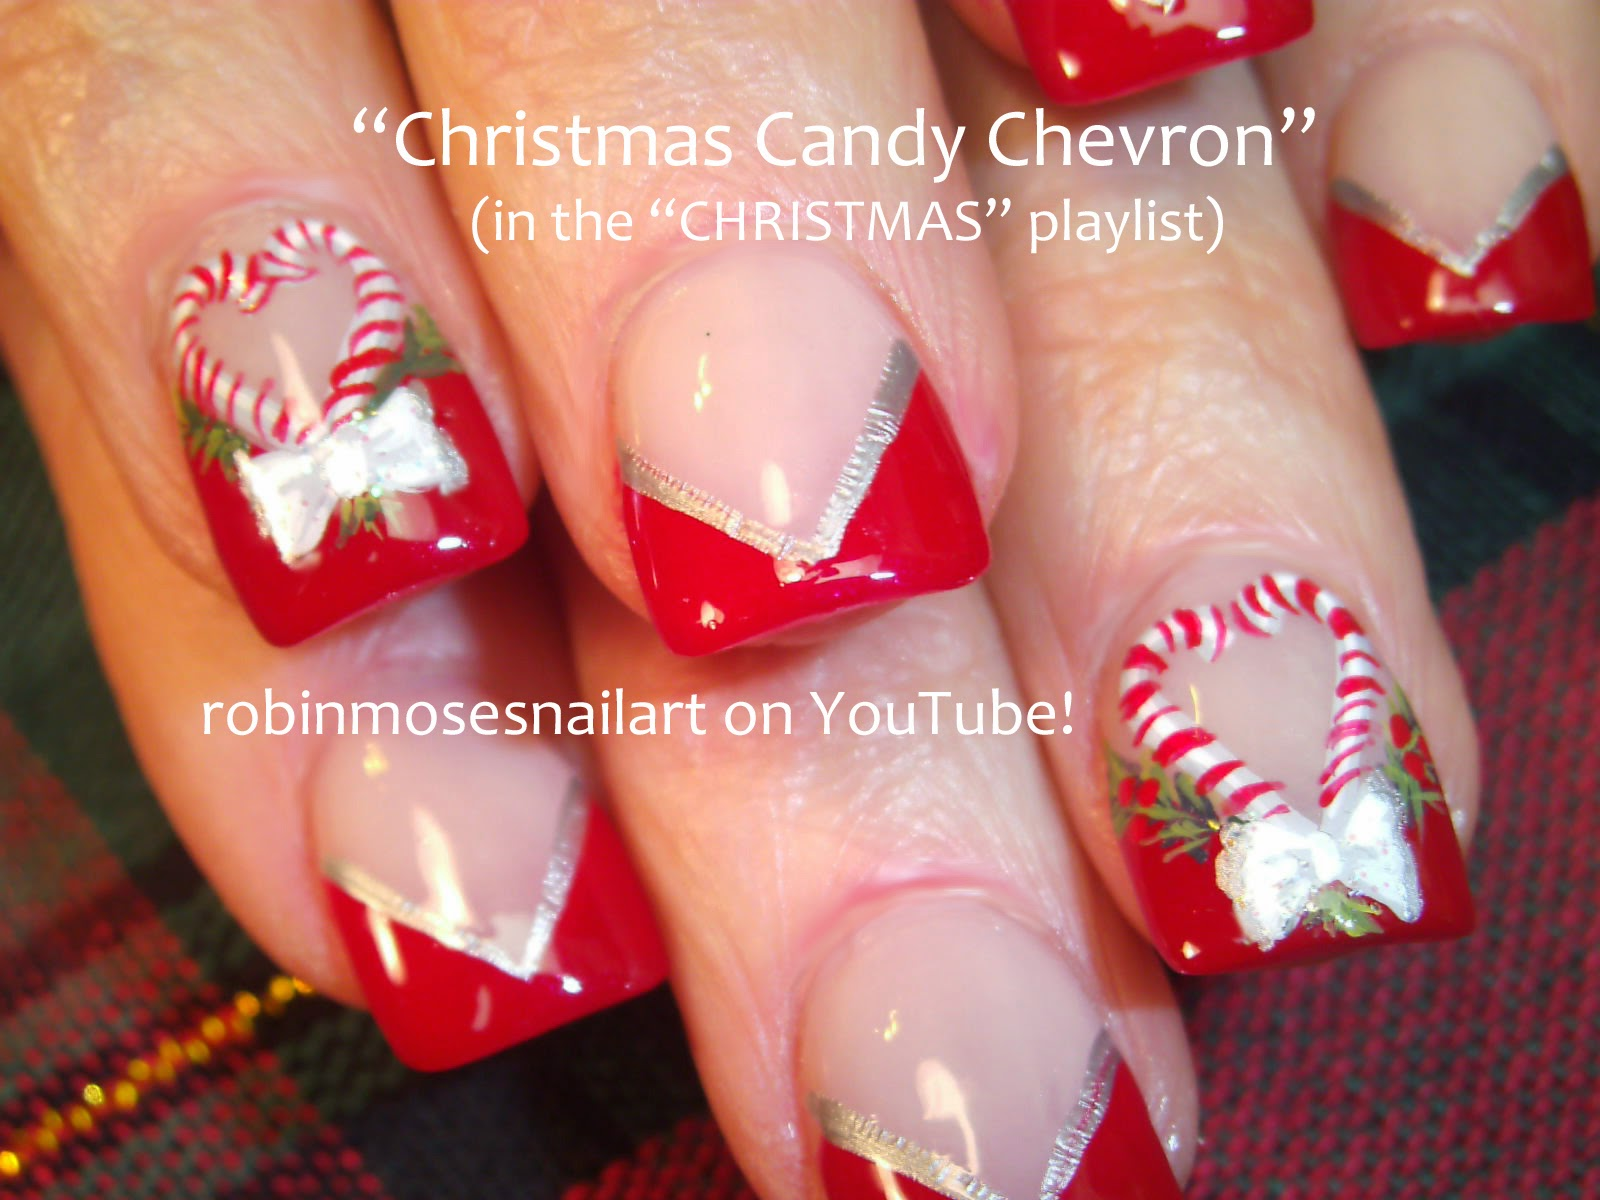 Robin moses nail art christmas nails long xmas nails nail art tutorials christmas nail art diy xmas nails easy holiday nail art for beginners and up prinsesfo Image collections